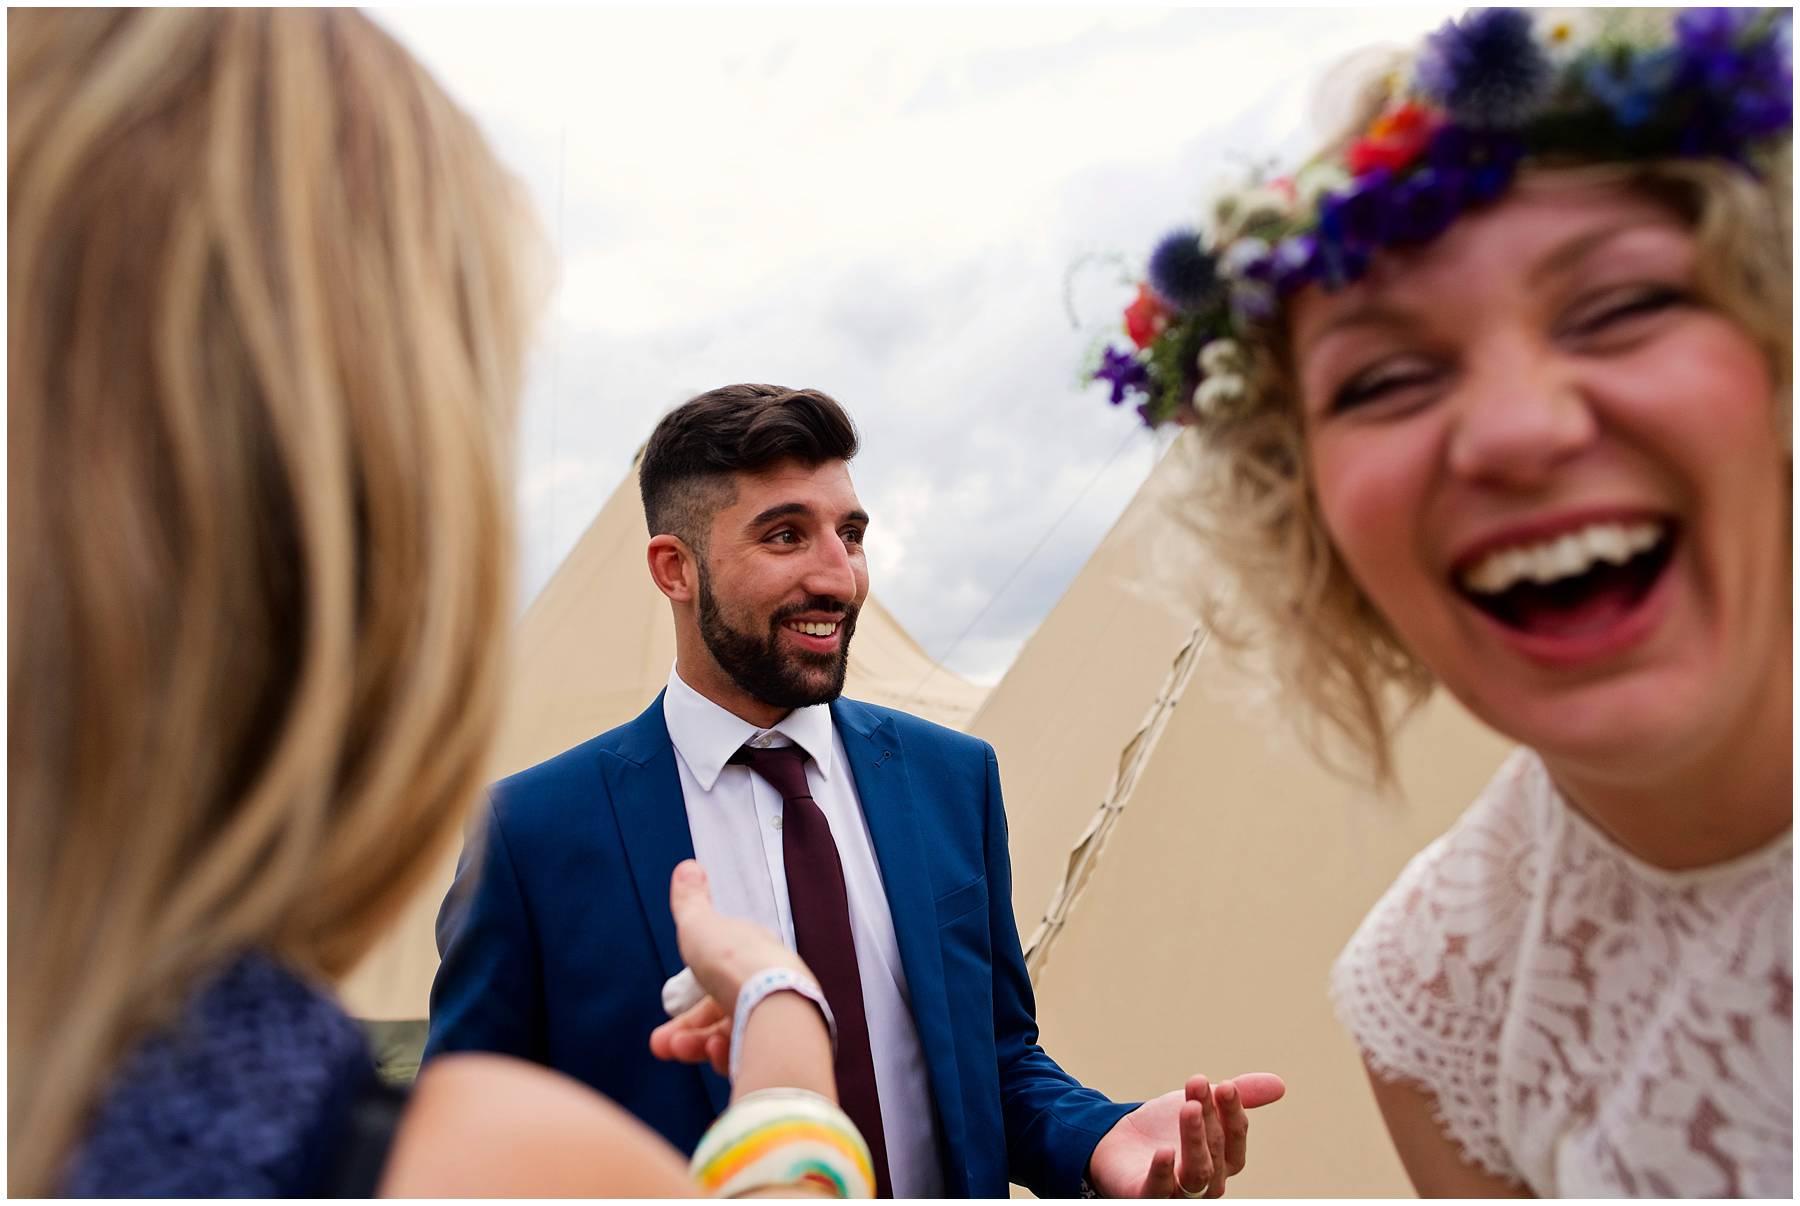 Festival bride laughing in Essex